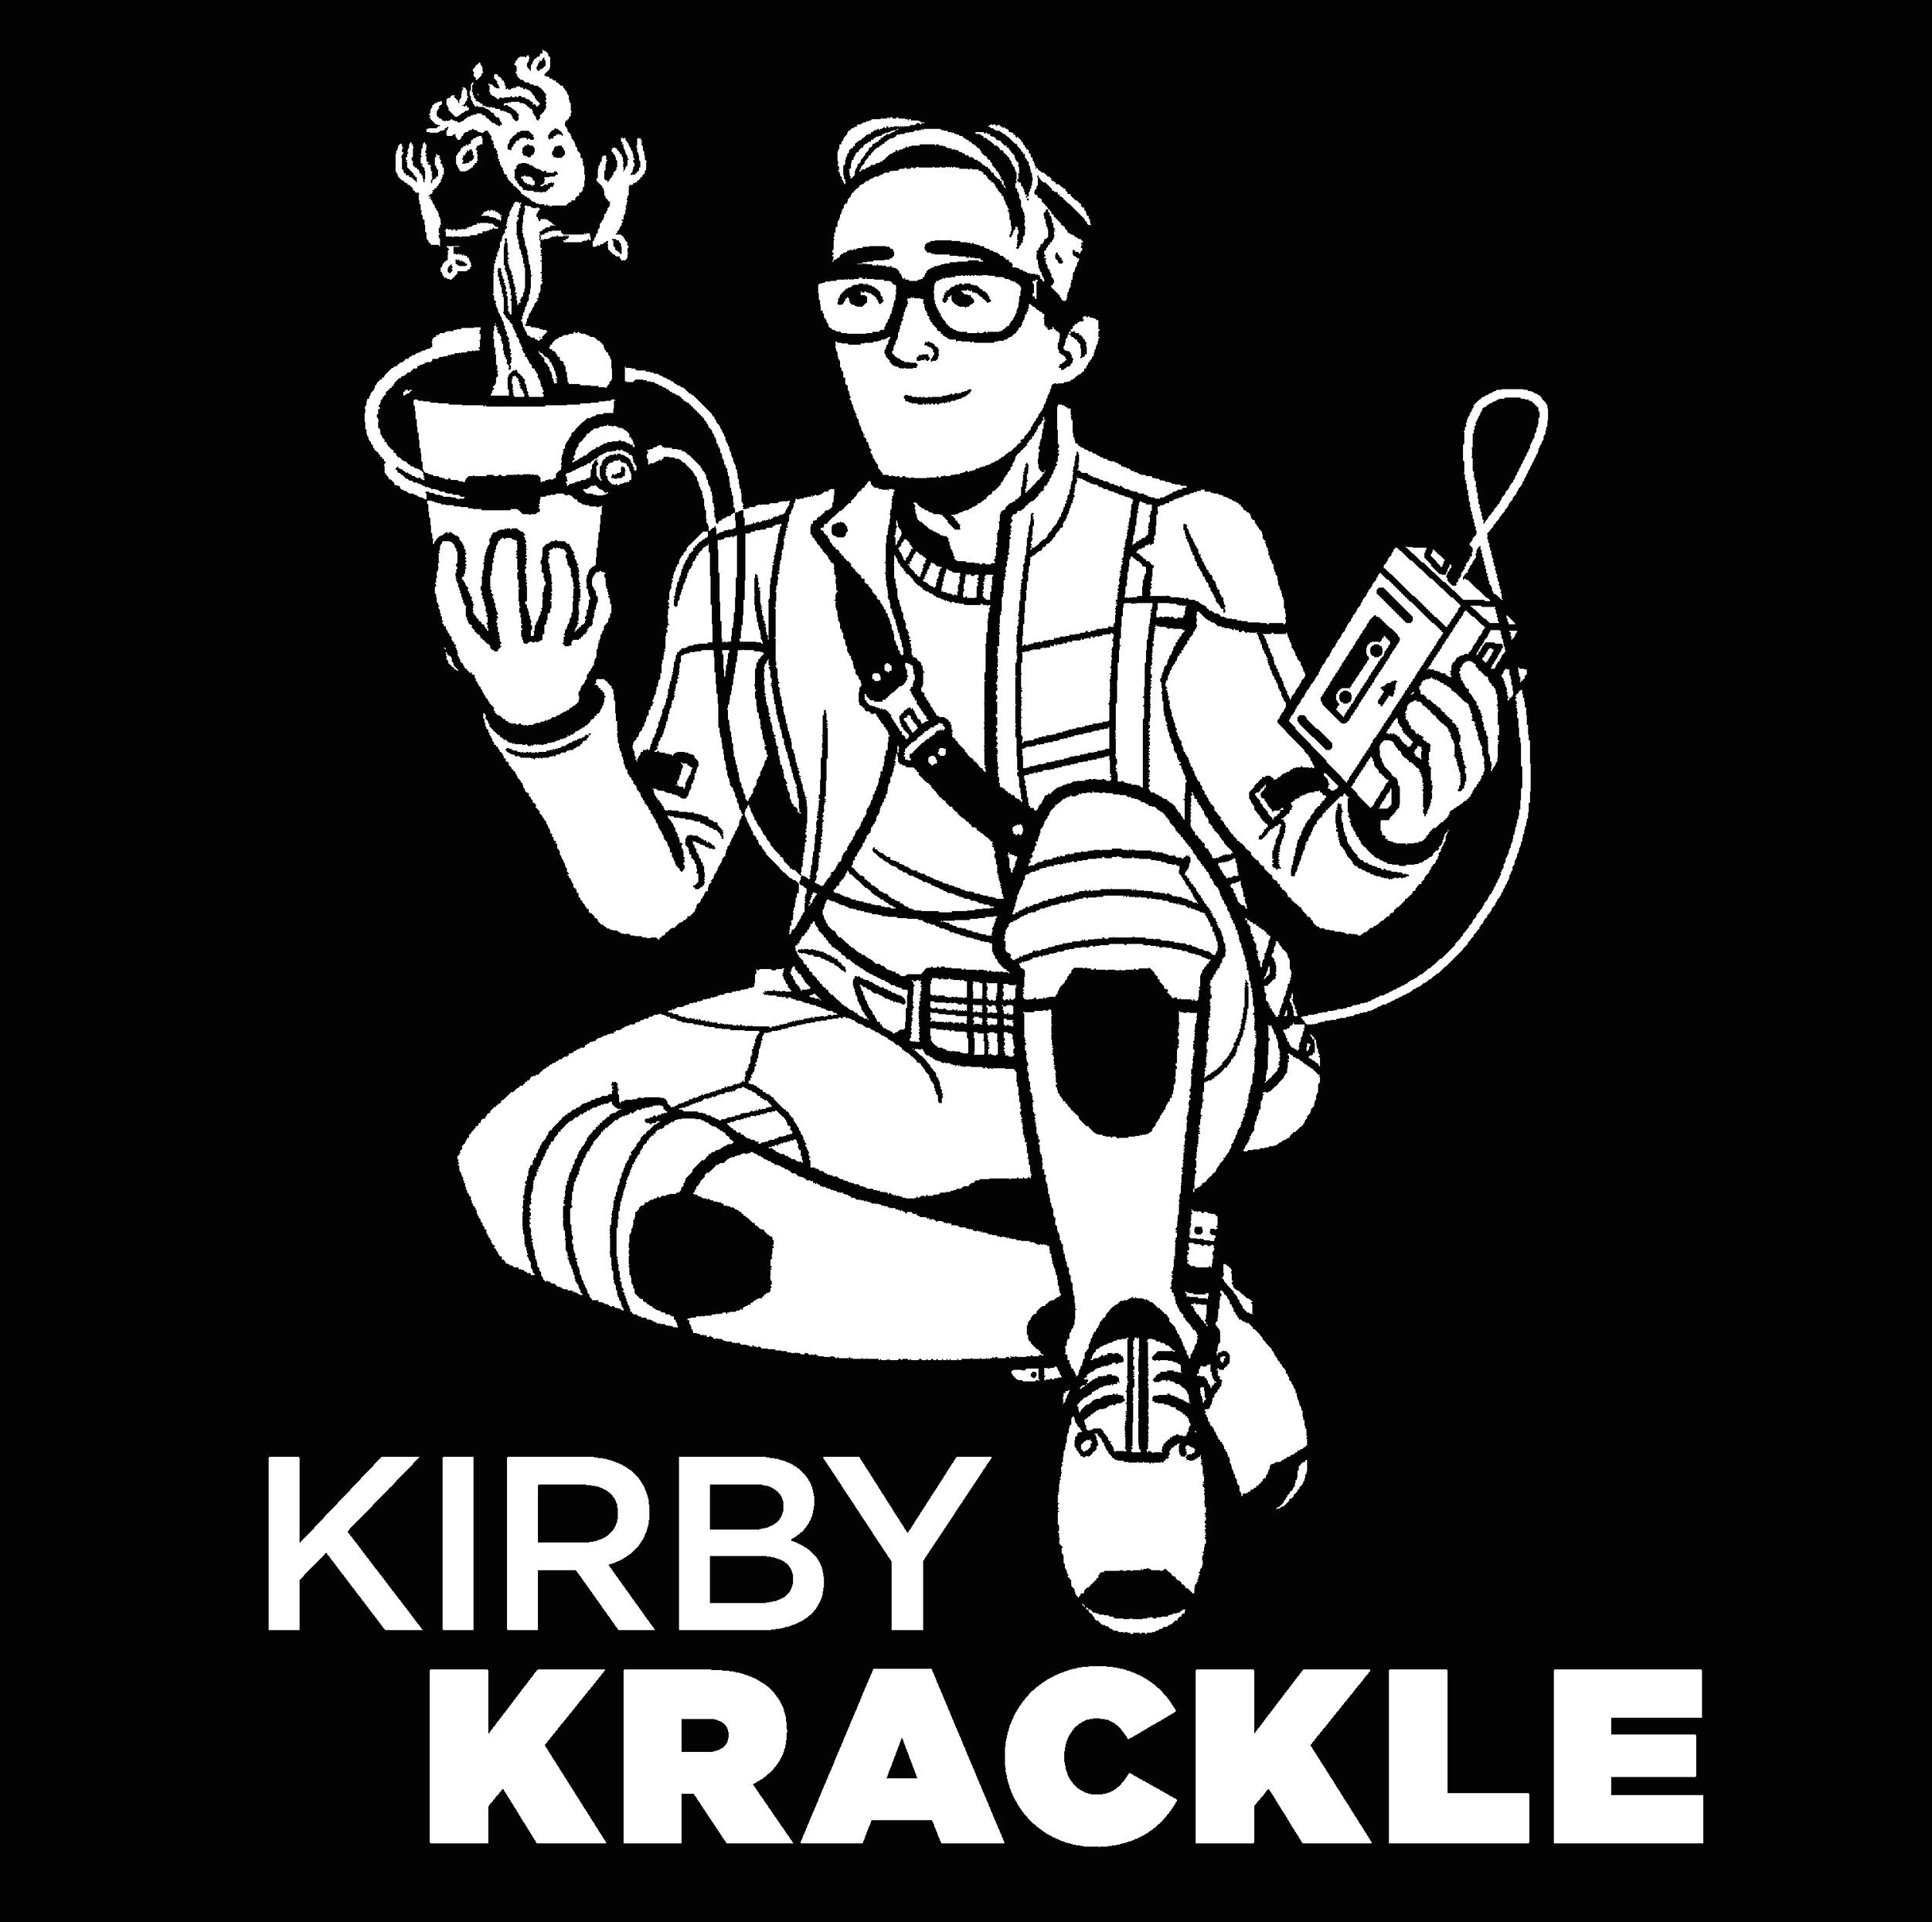 KK Dancing Baby Groot Shirt Image.jpg